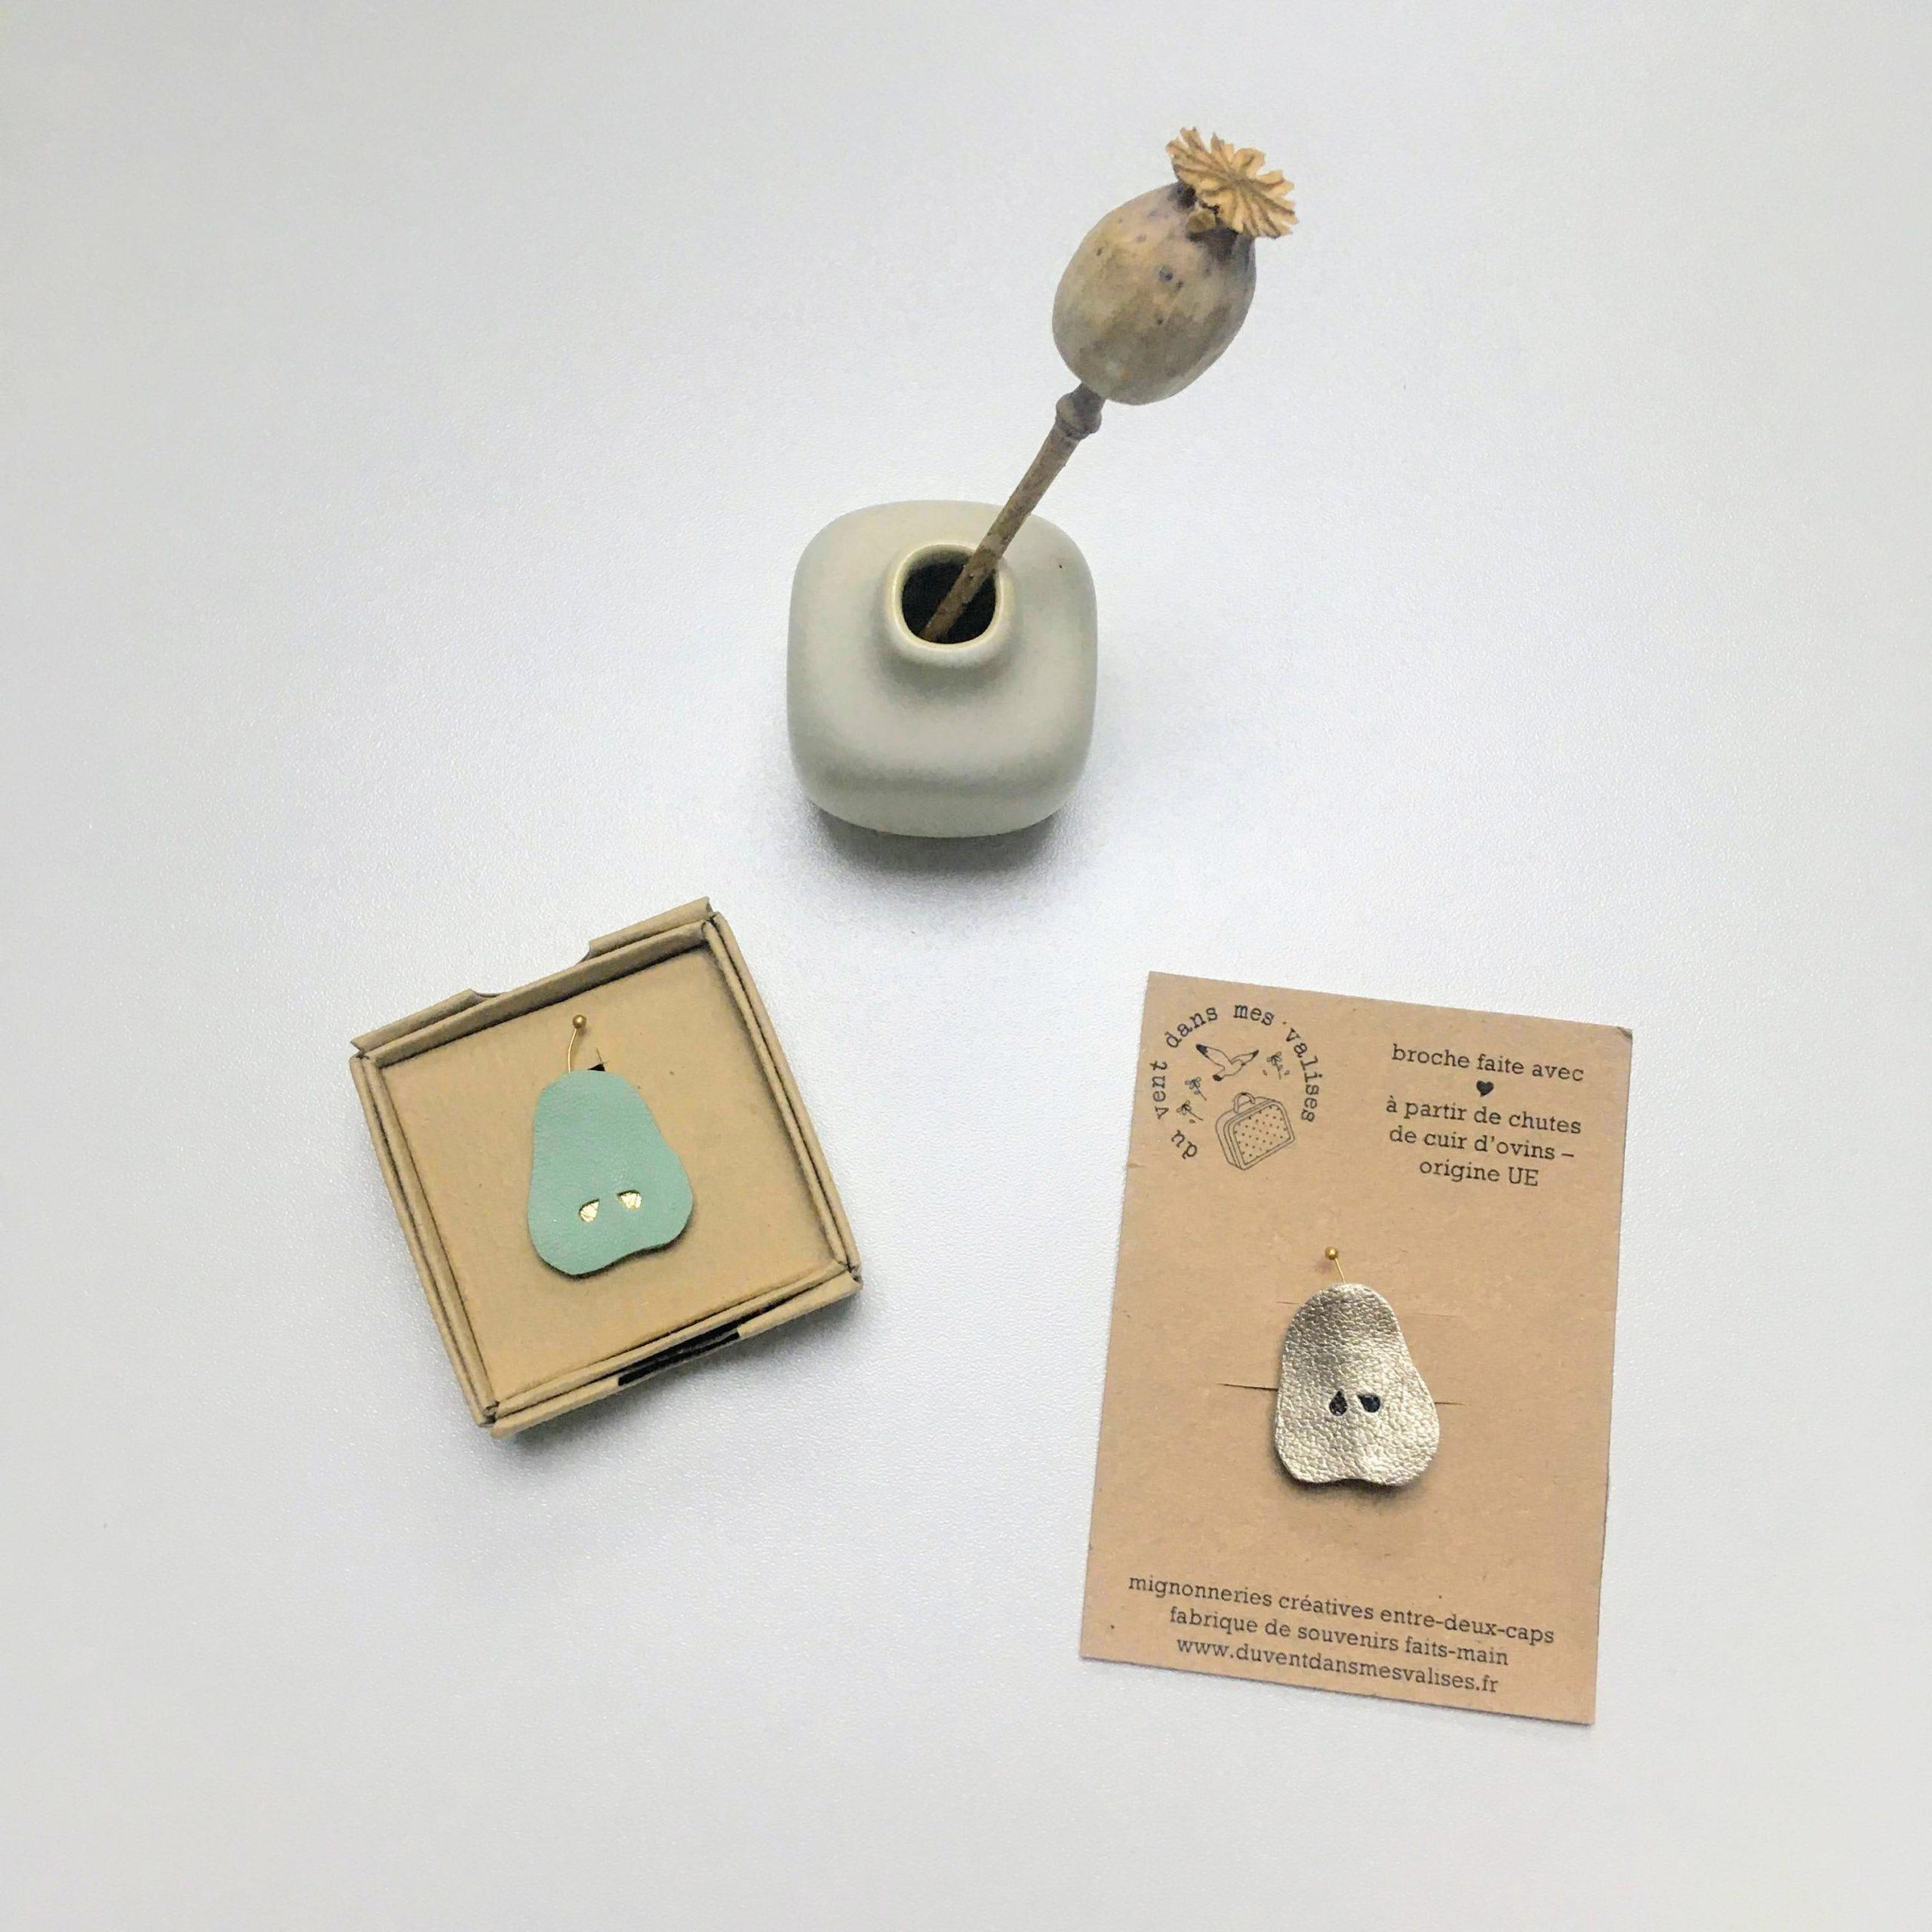 broche en cuir poétique douces poires made in France - du vent dans mes valises